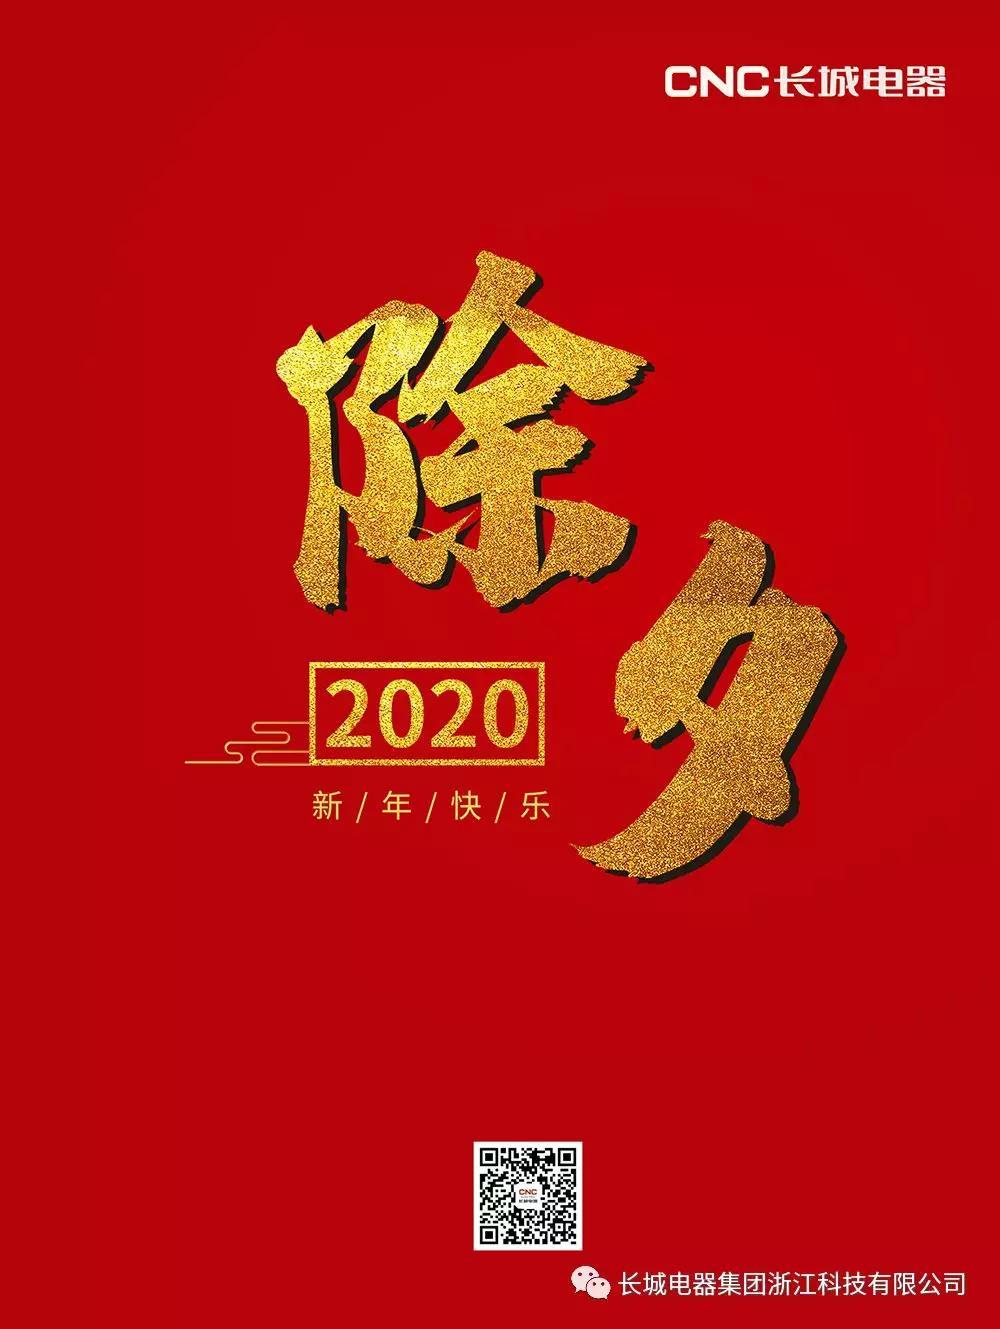 长城电器恭祝全国人民新春快乐,万事如意!